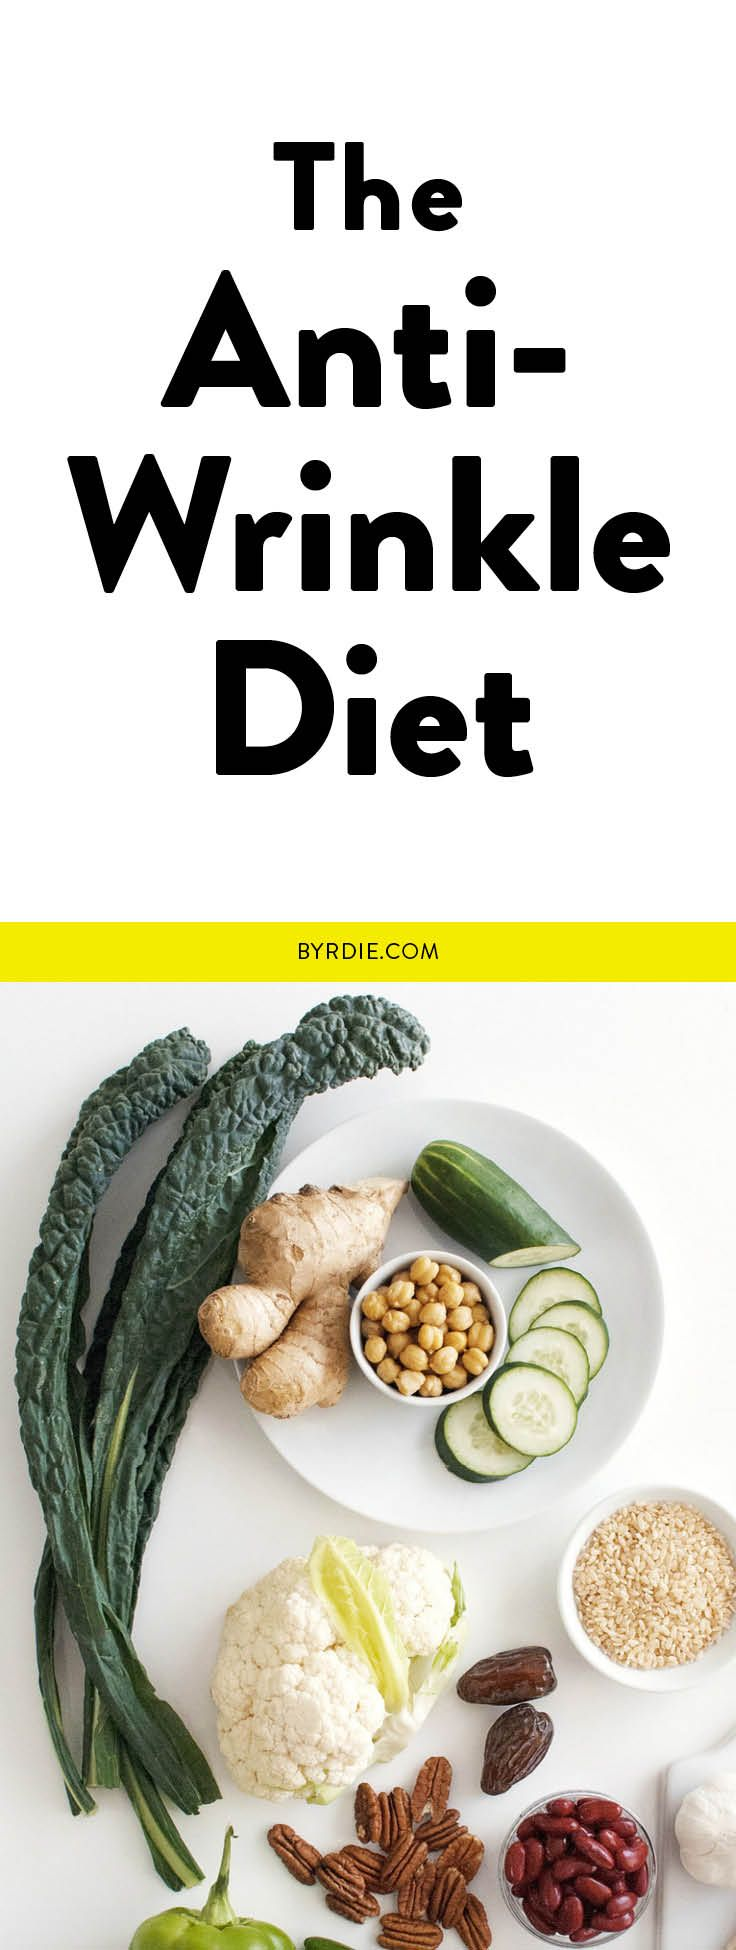 The anti-wrinkle diet